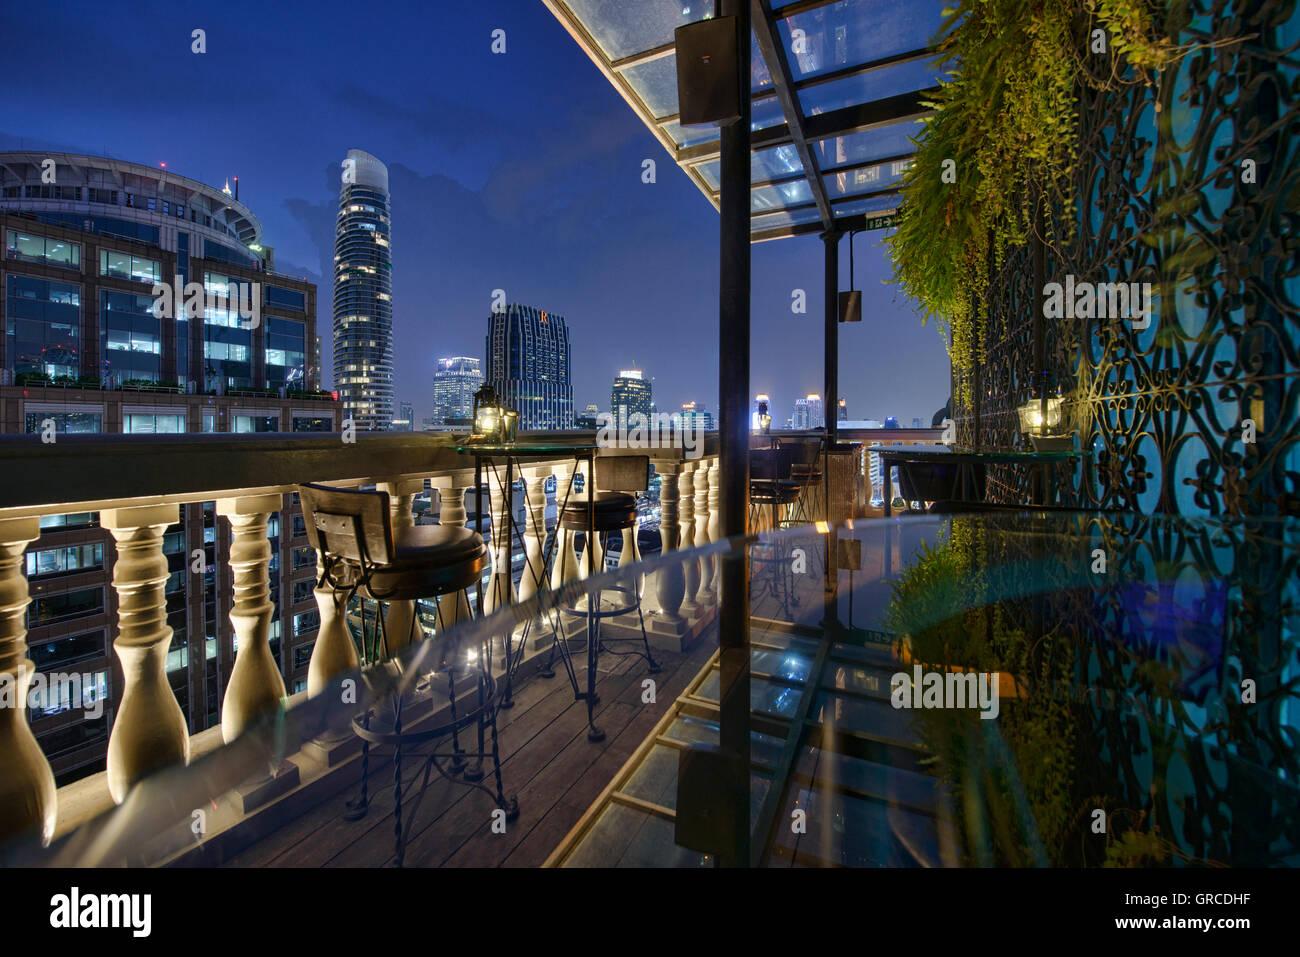 Enjoying the night at a bar in Bangkok, Thailand - Stock Image